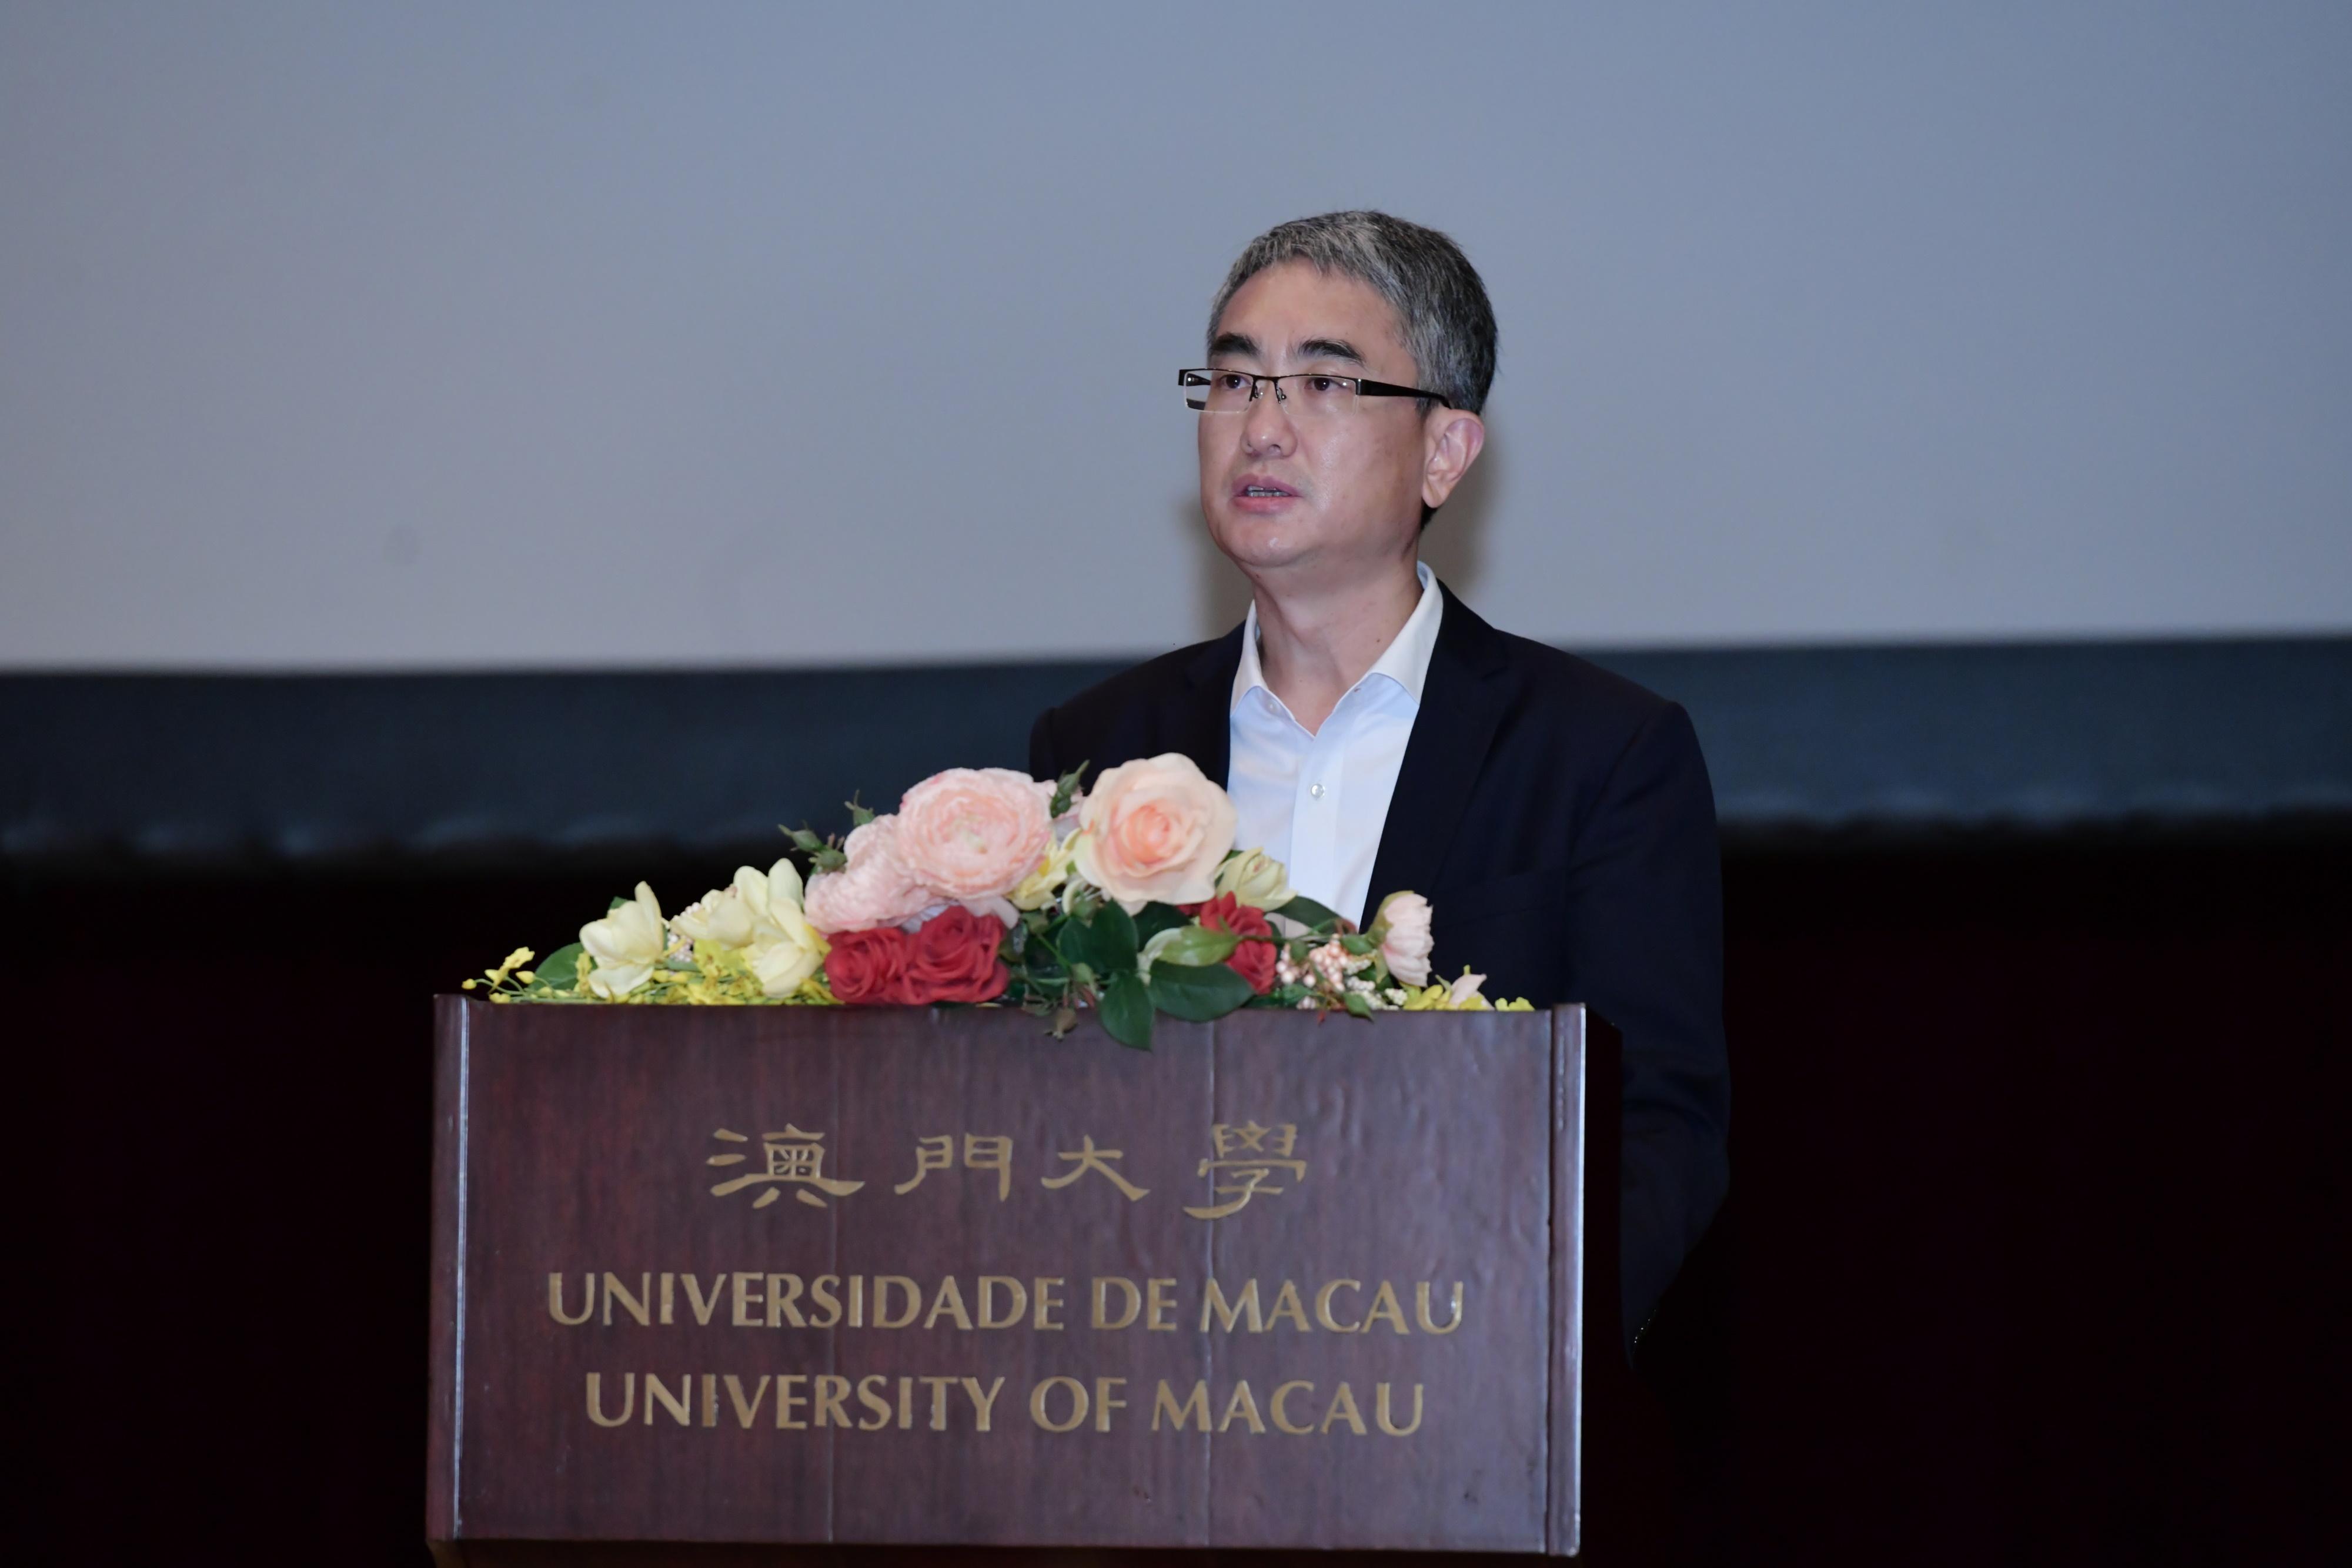 Cheong Weng Chon gives a speech